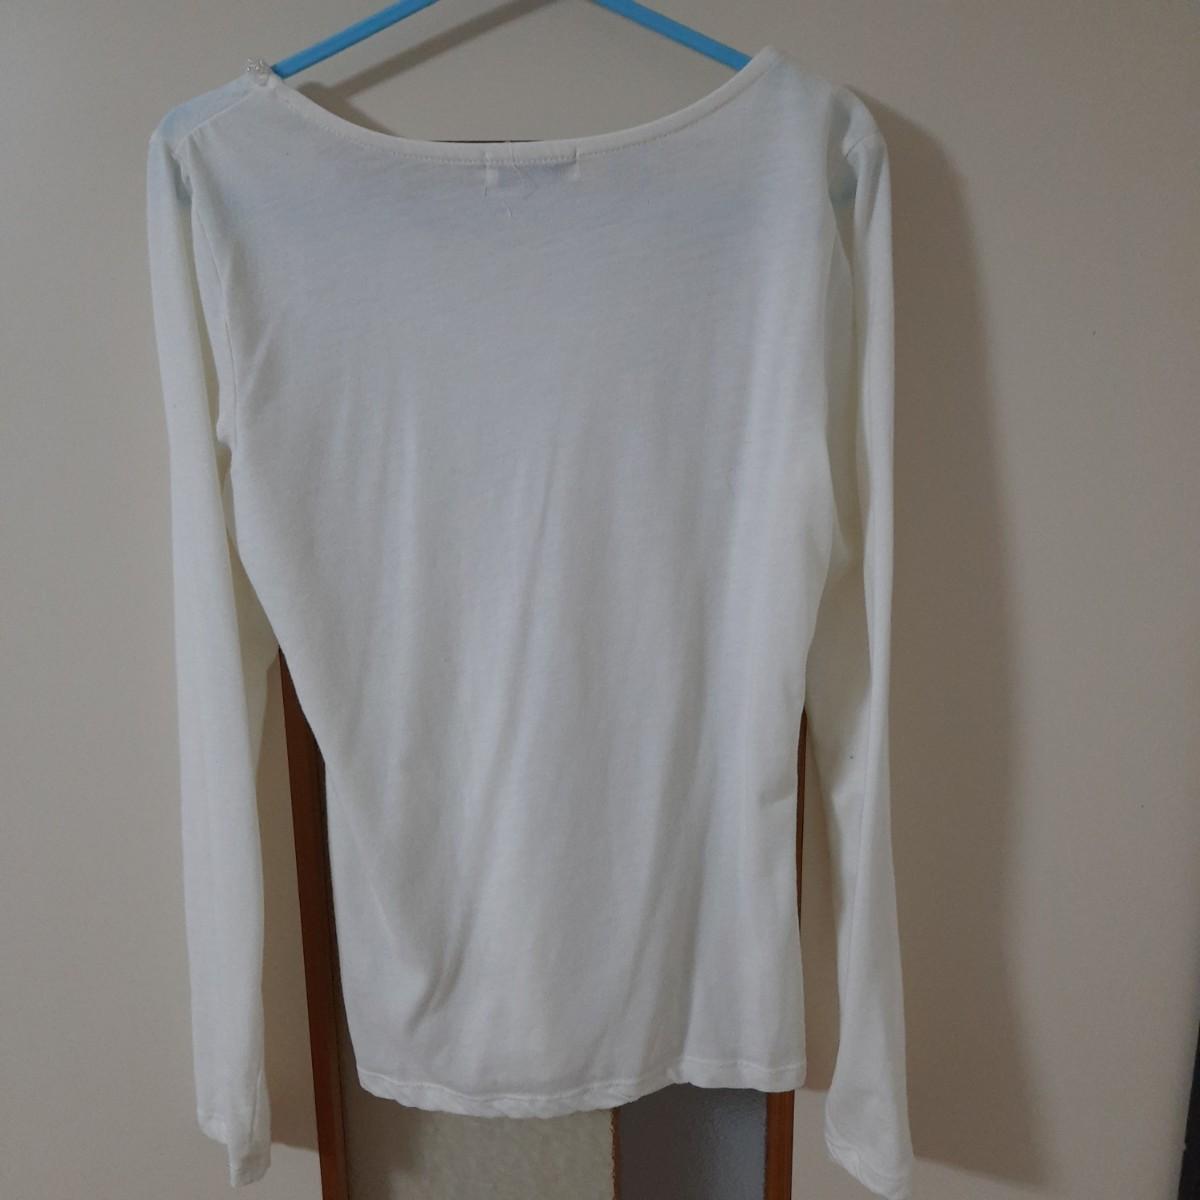 シャツ 無地 白 トップス レディース 長袖カットソー 服